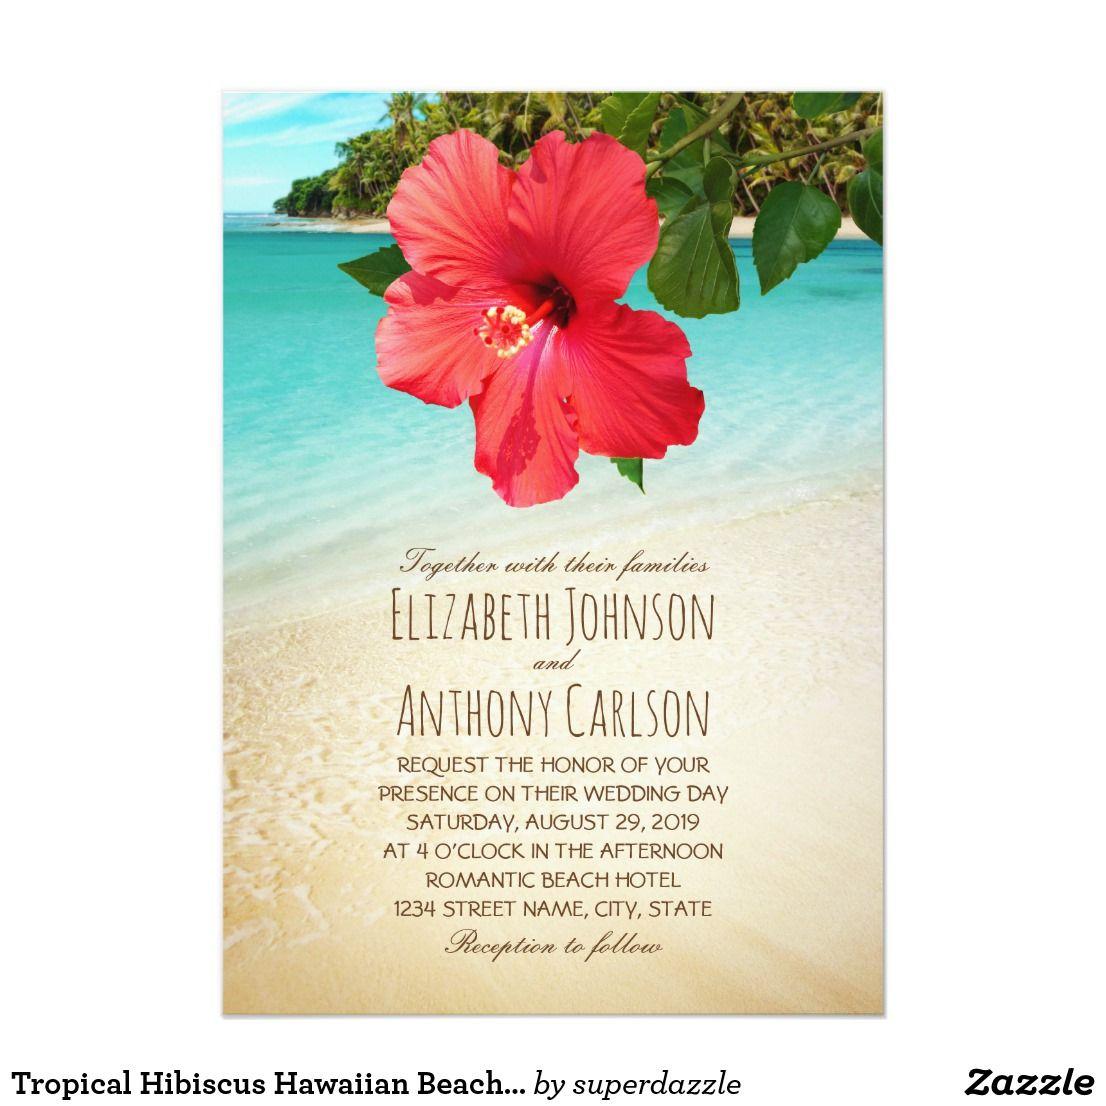 Tropical Hibiscus Hawaiian Beach Themed Wedding Card | Beach themed ...